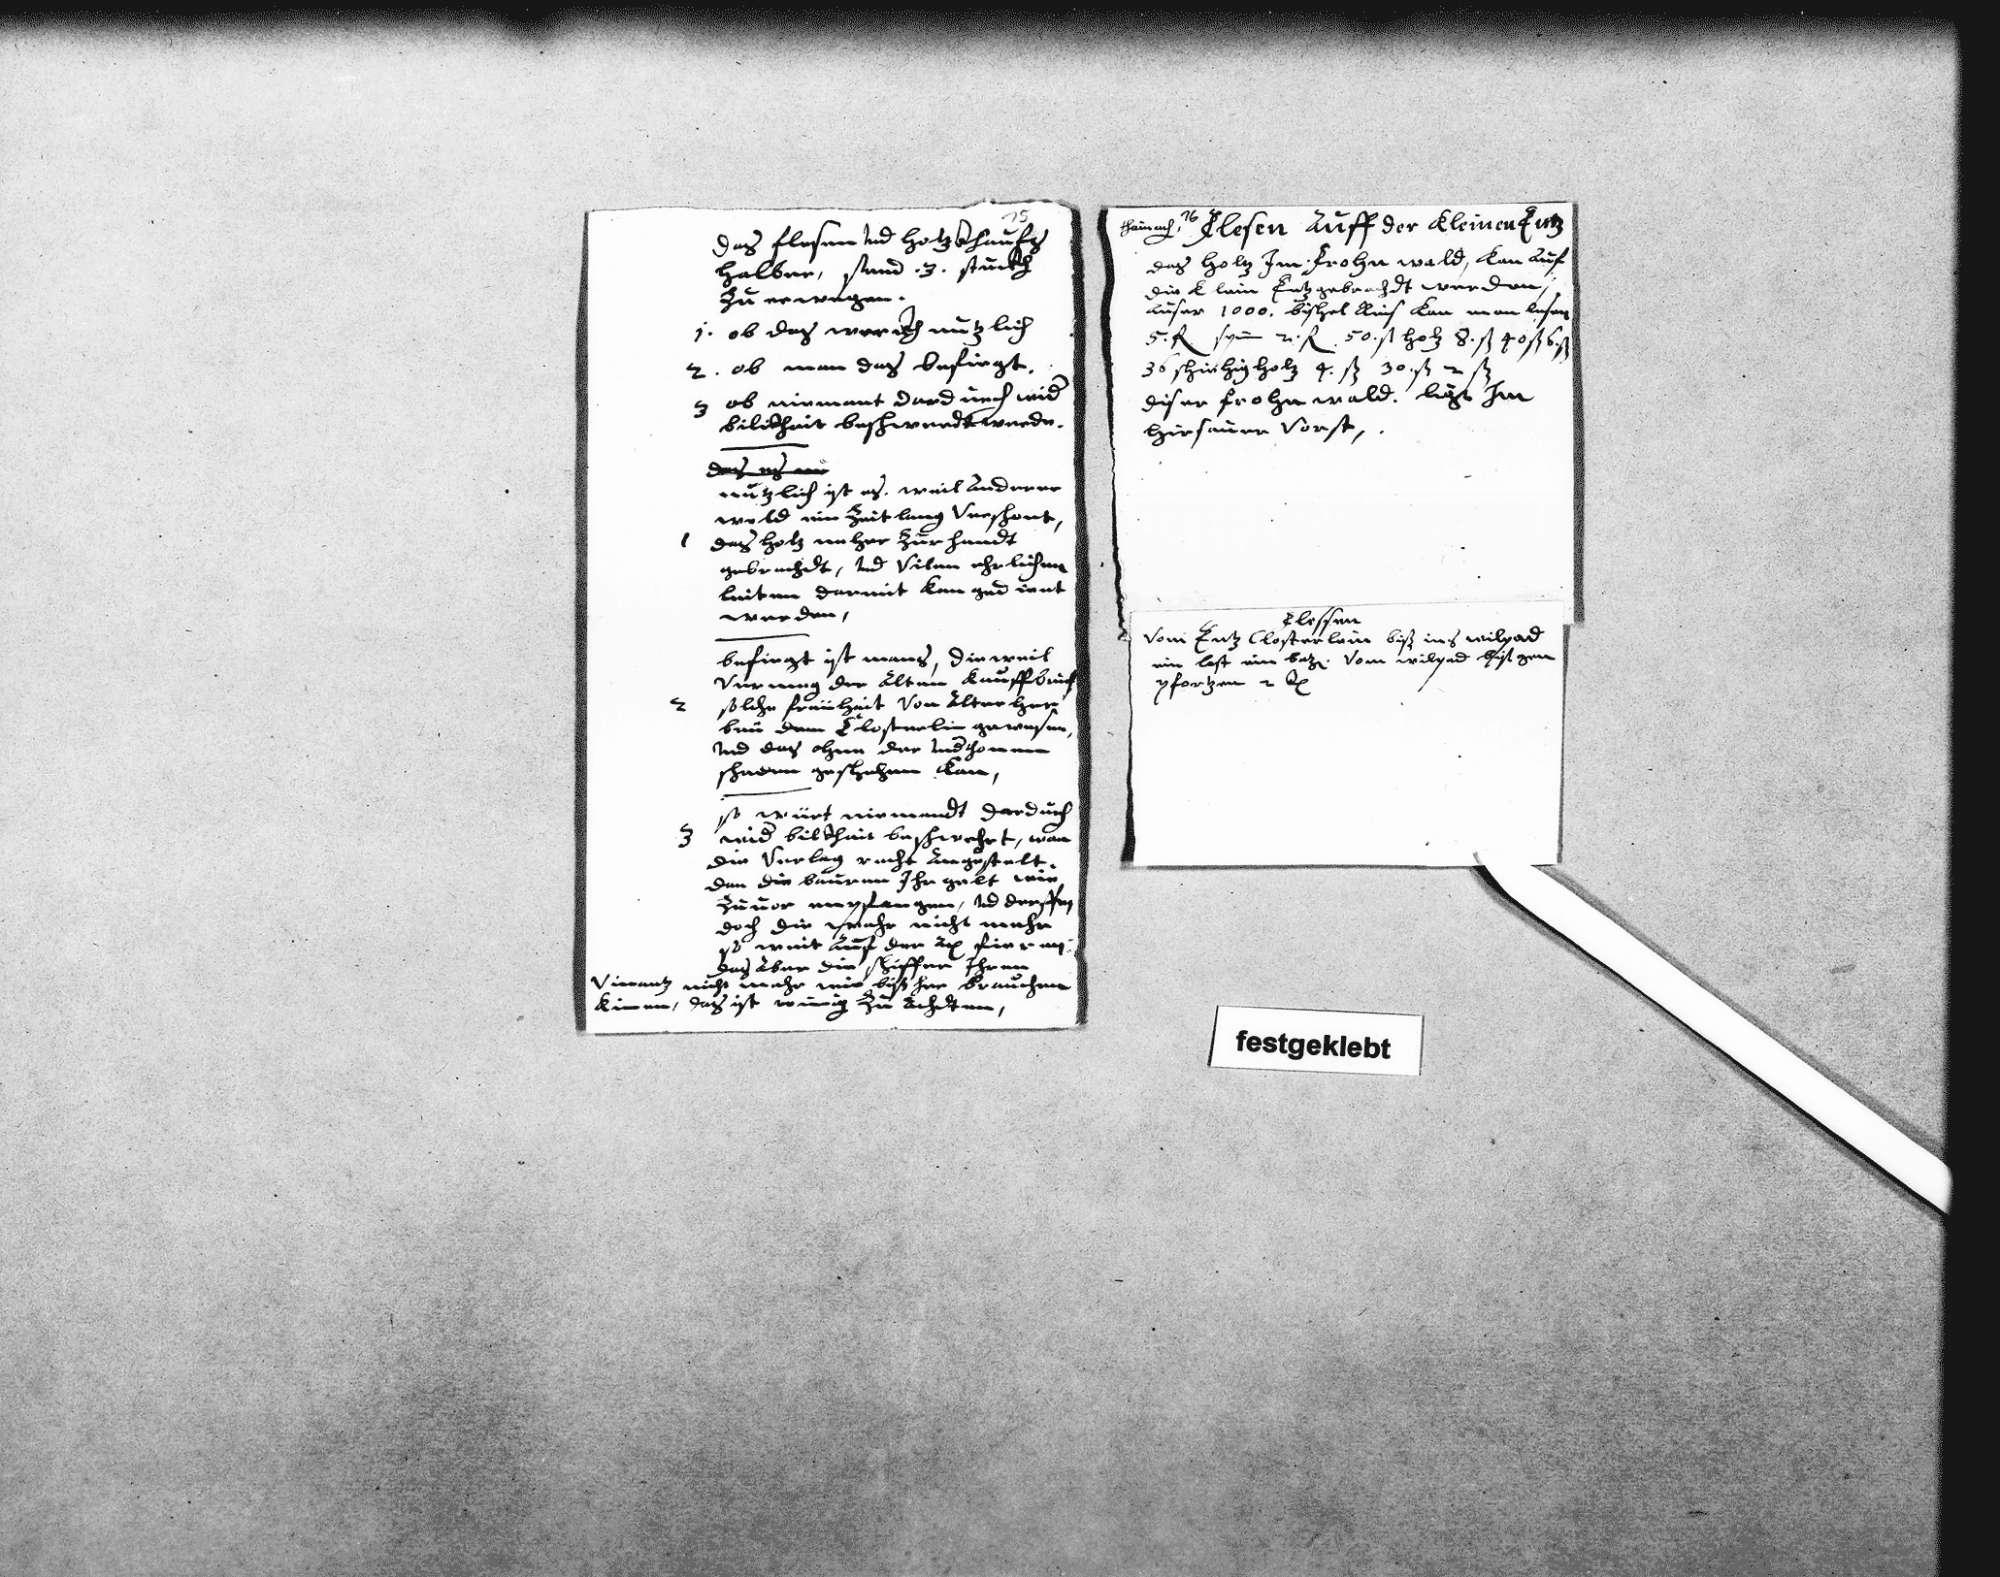 Notizen Schickhardts über das Flößen von Holz auf der Enz, Holz aus Schöllkopf und dem Steinwald zu flößen auf der Lauter unter Freudenstadt bis zum Neckar bei Nürtingen; Flößen auf der kleinen Enz, bei Enzklösterle und bei Enzweihingen; mit Bemerkungen über die Vorteile des Flößens gegenüber den Fuhren (2 Folio, 3 Quart, 2 Oktav, teilweise zusammengeklebt), Bild 2